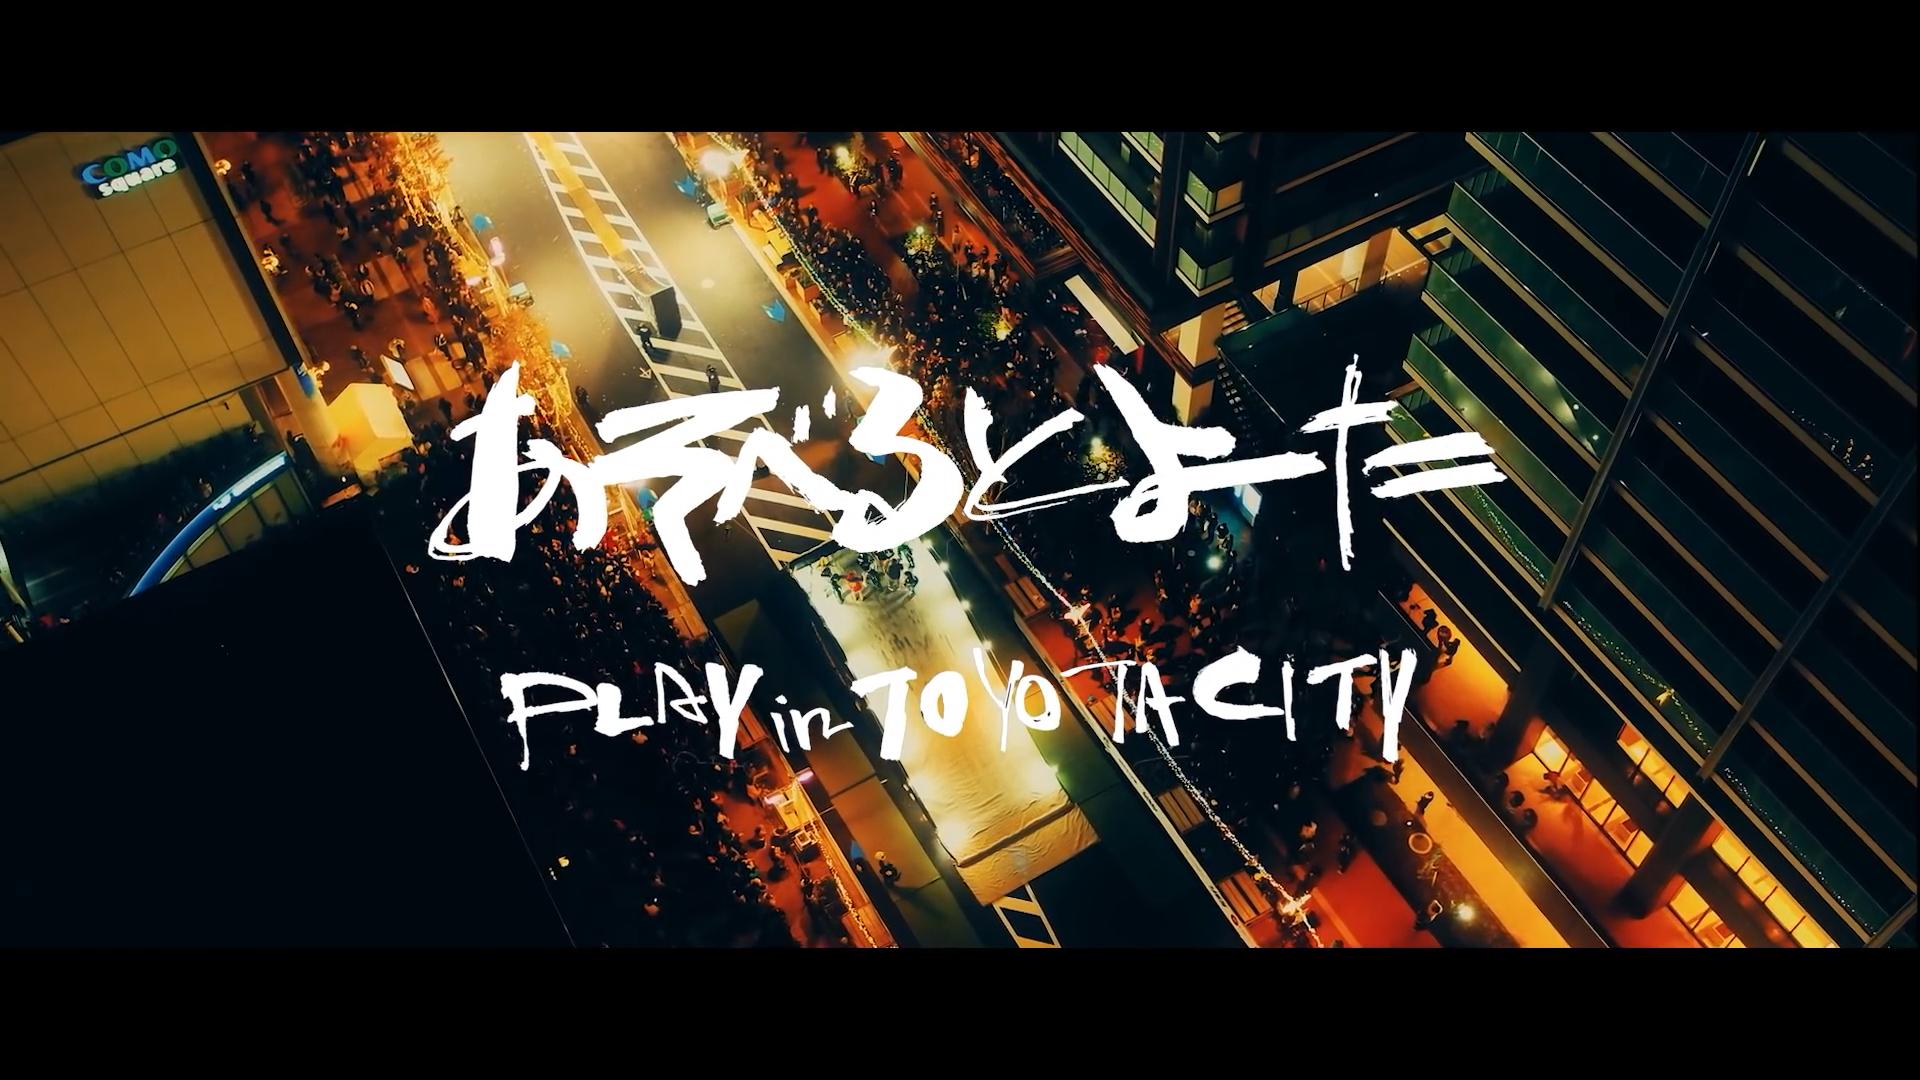 豊田市紹介映像「あそべるとよた(PLAY in TOYOTA CITY)